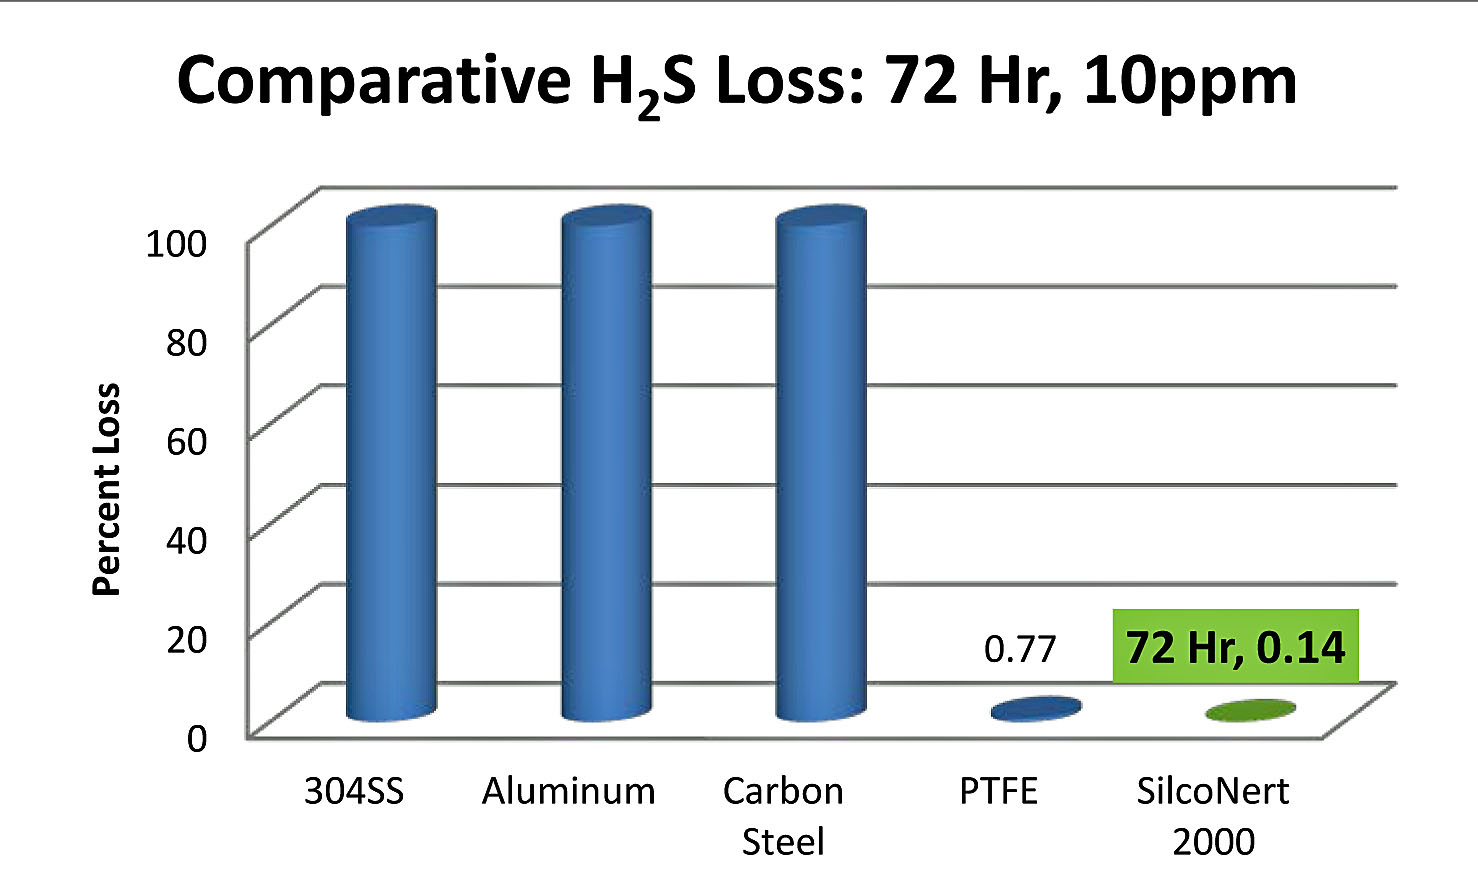 H2S_Comparison_72_hr_11_21_13